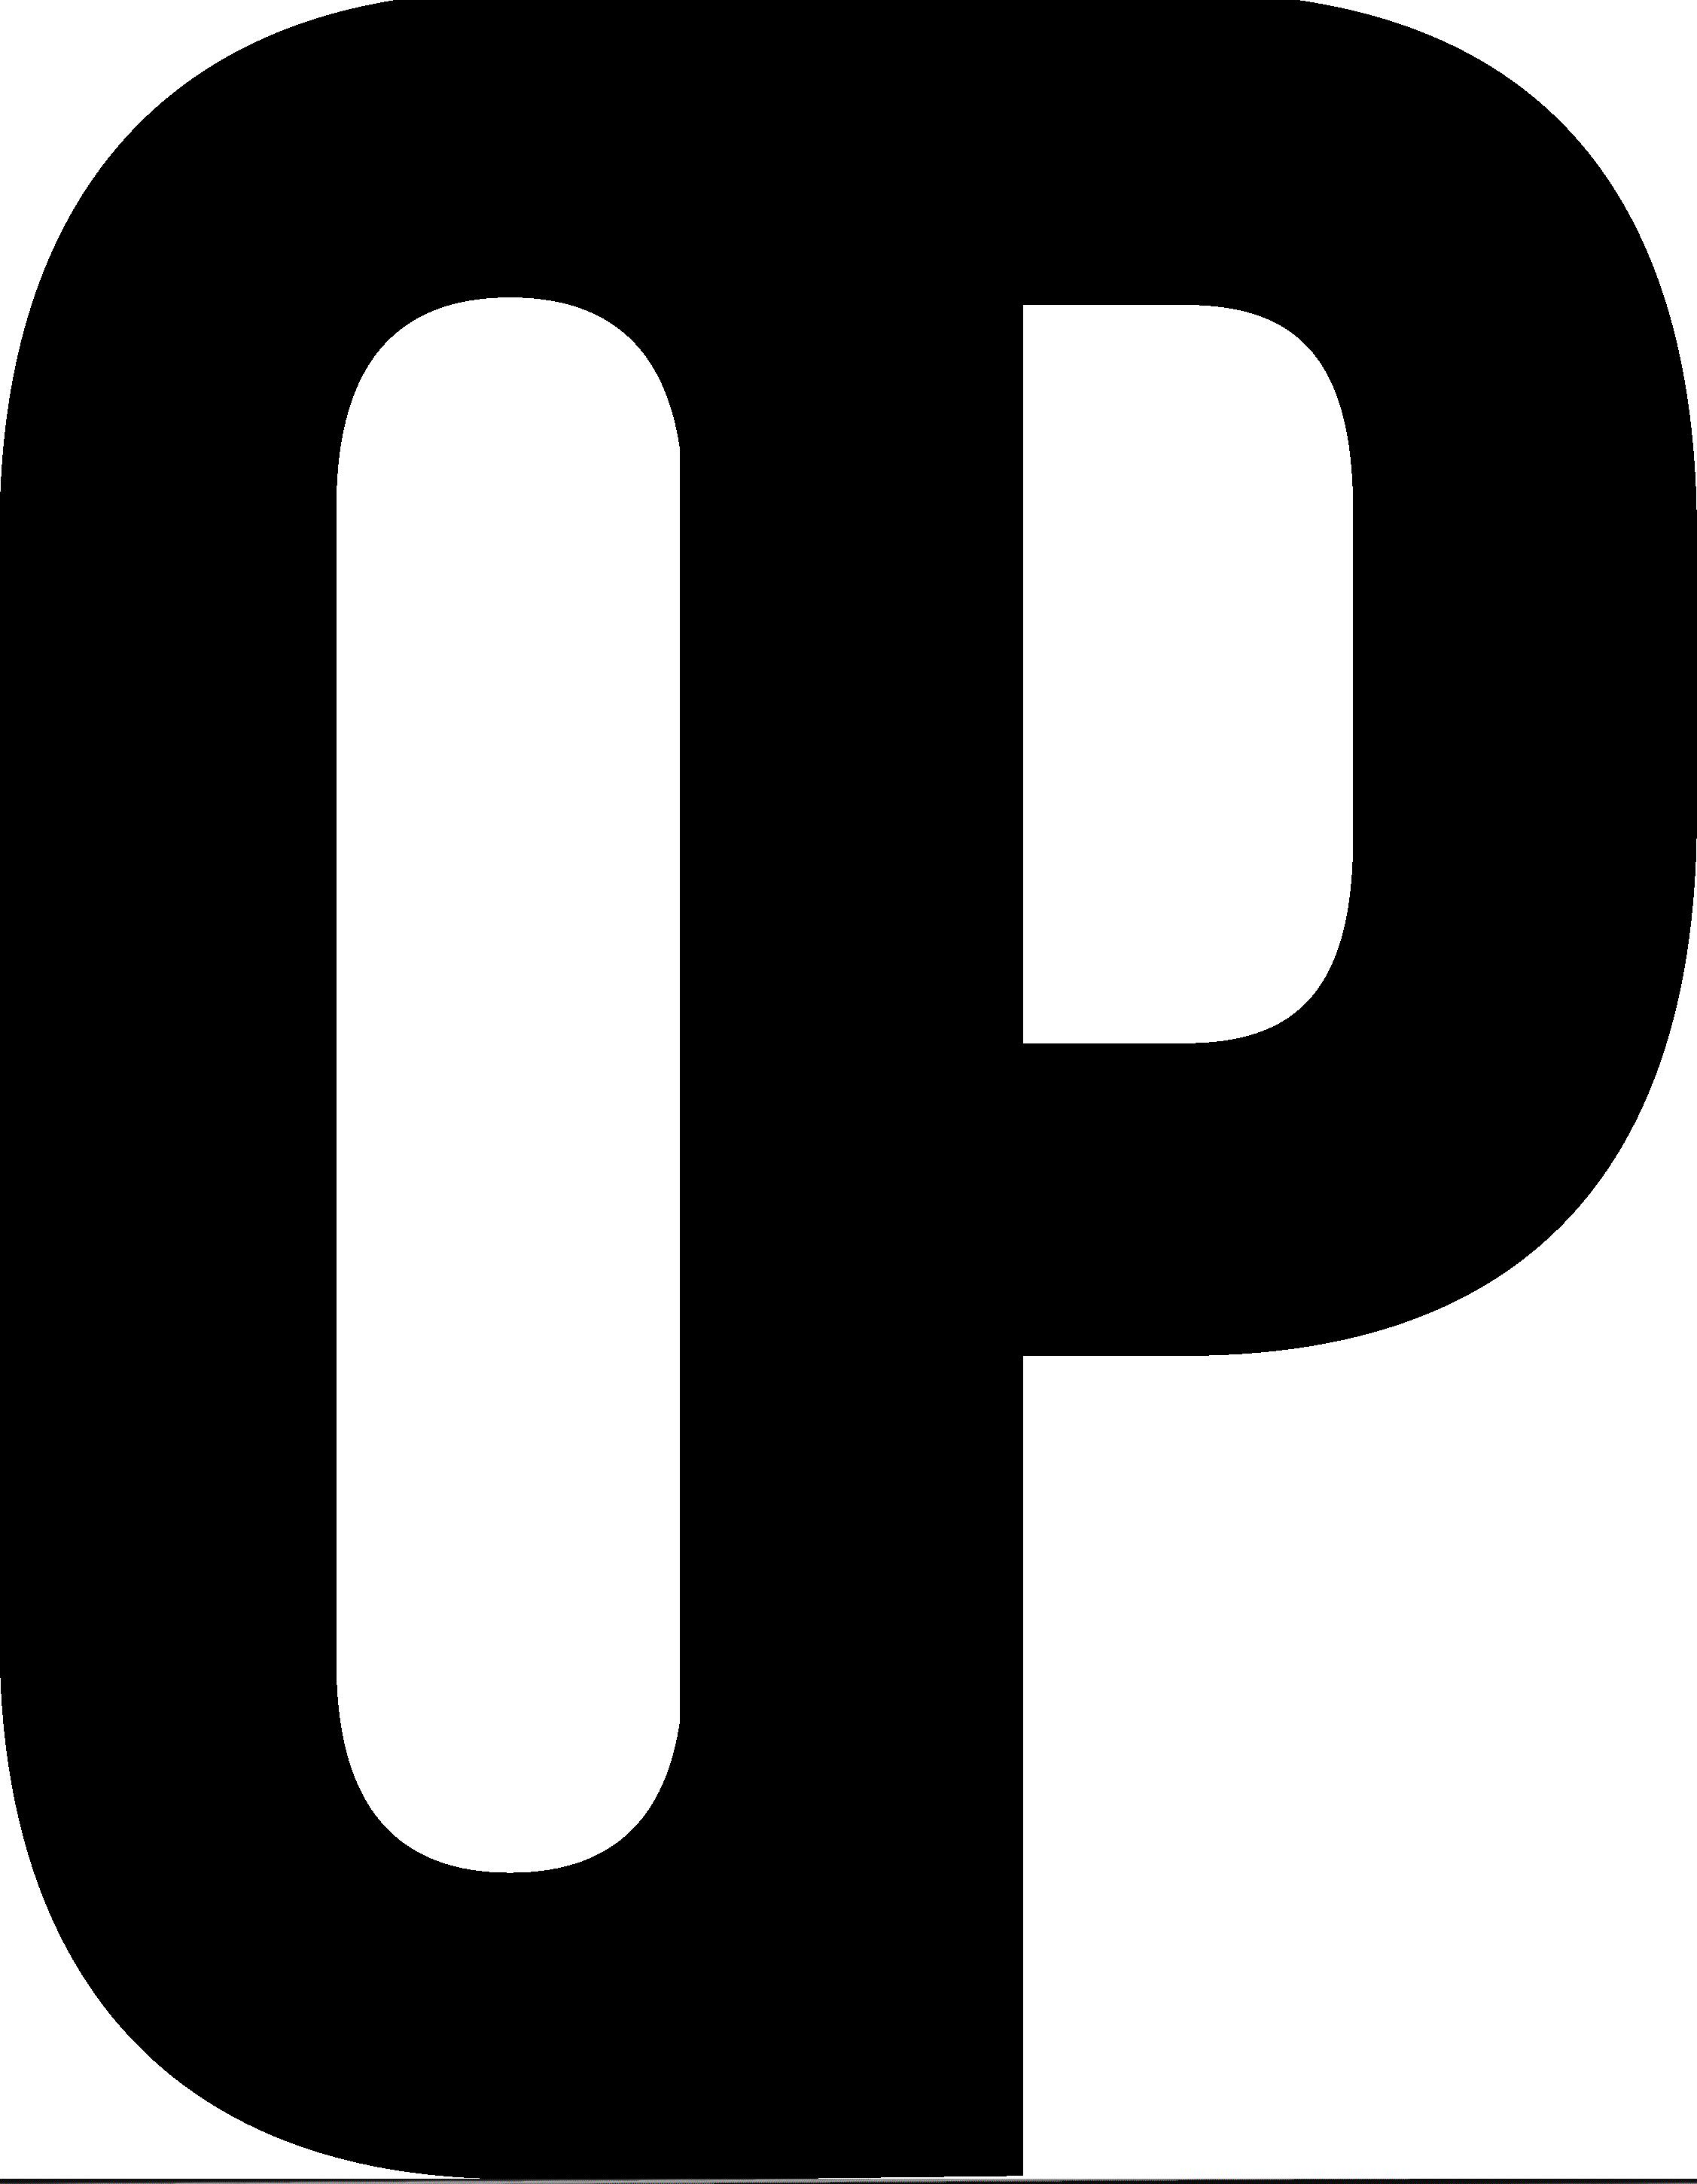 Onurcan Poyraz